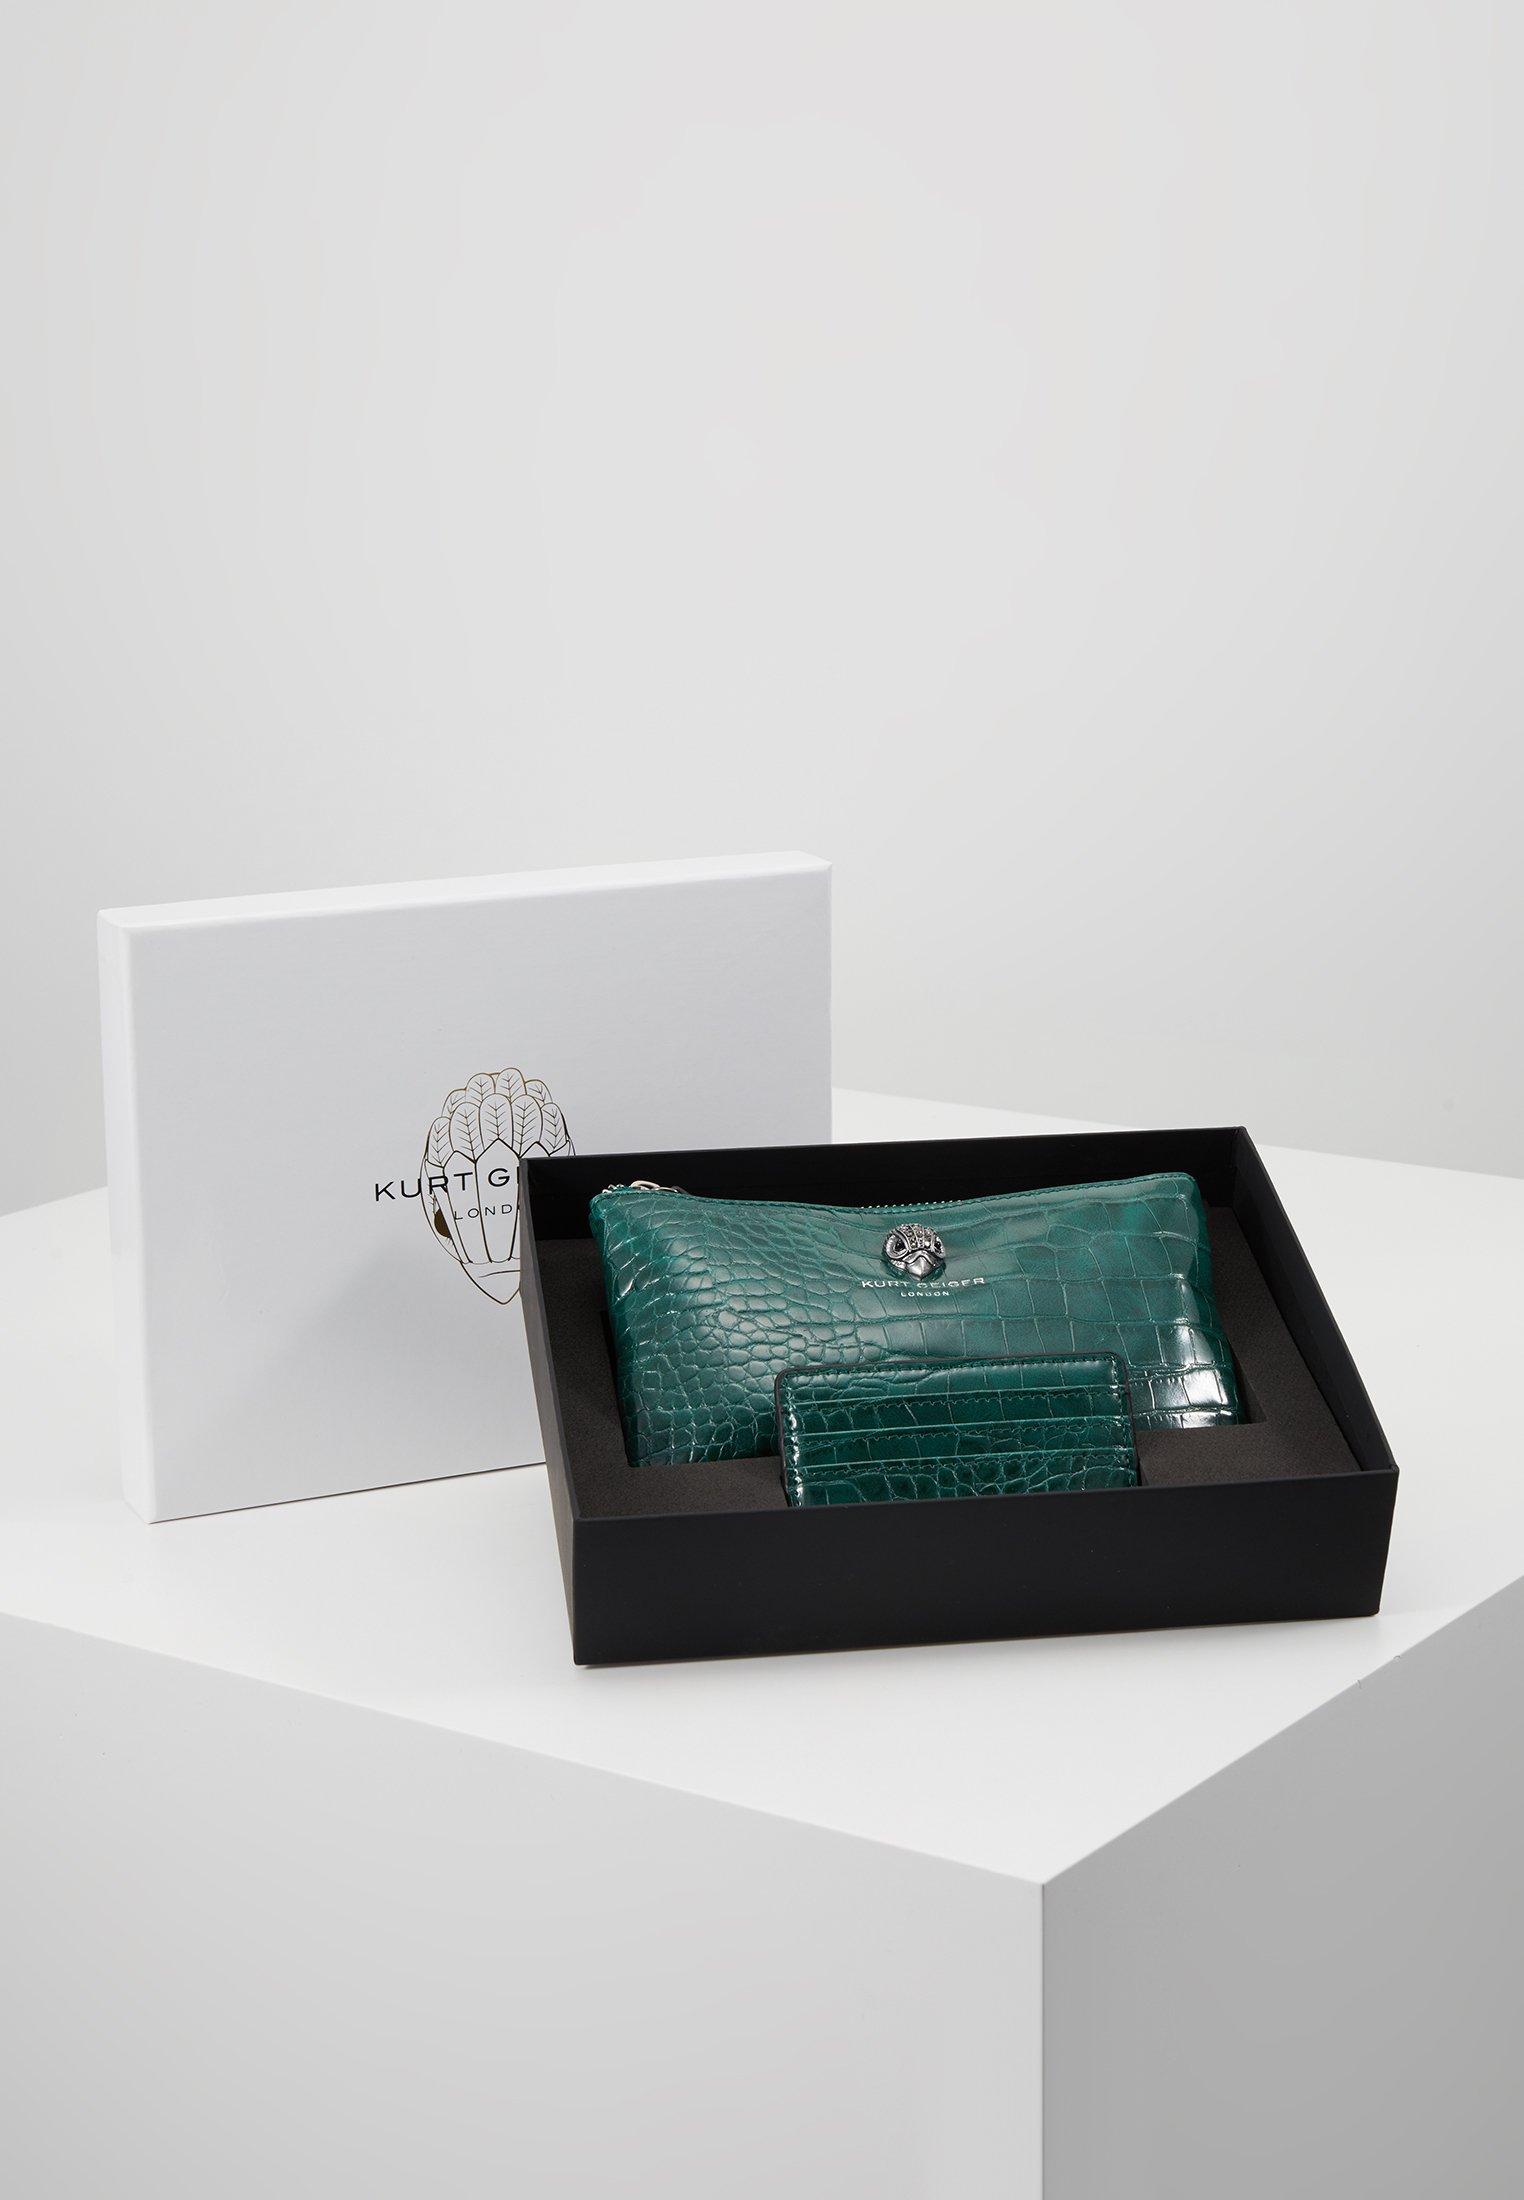 Teal Pouch Gift SetPortefeuille Kurt Geiger London 8NvmnwO0